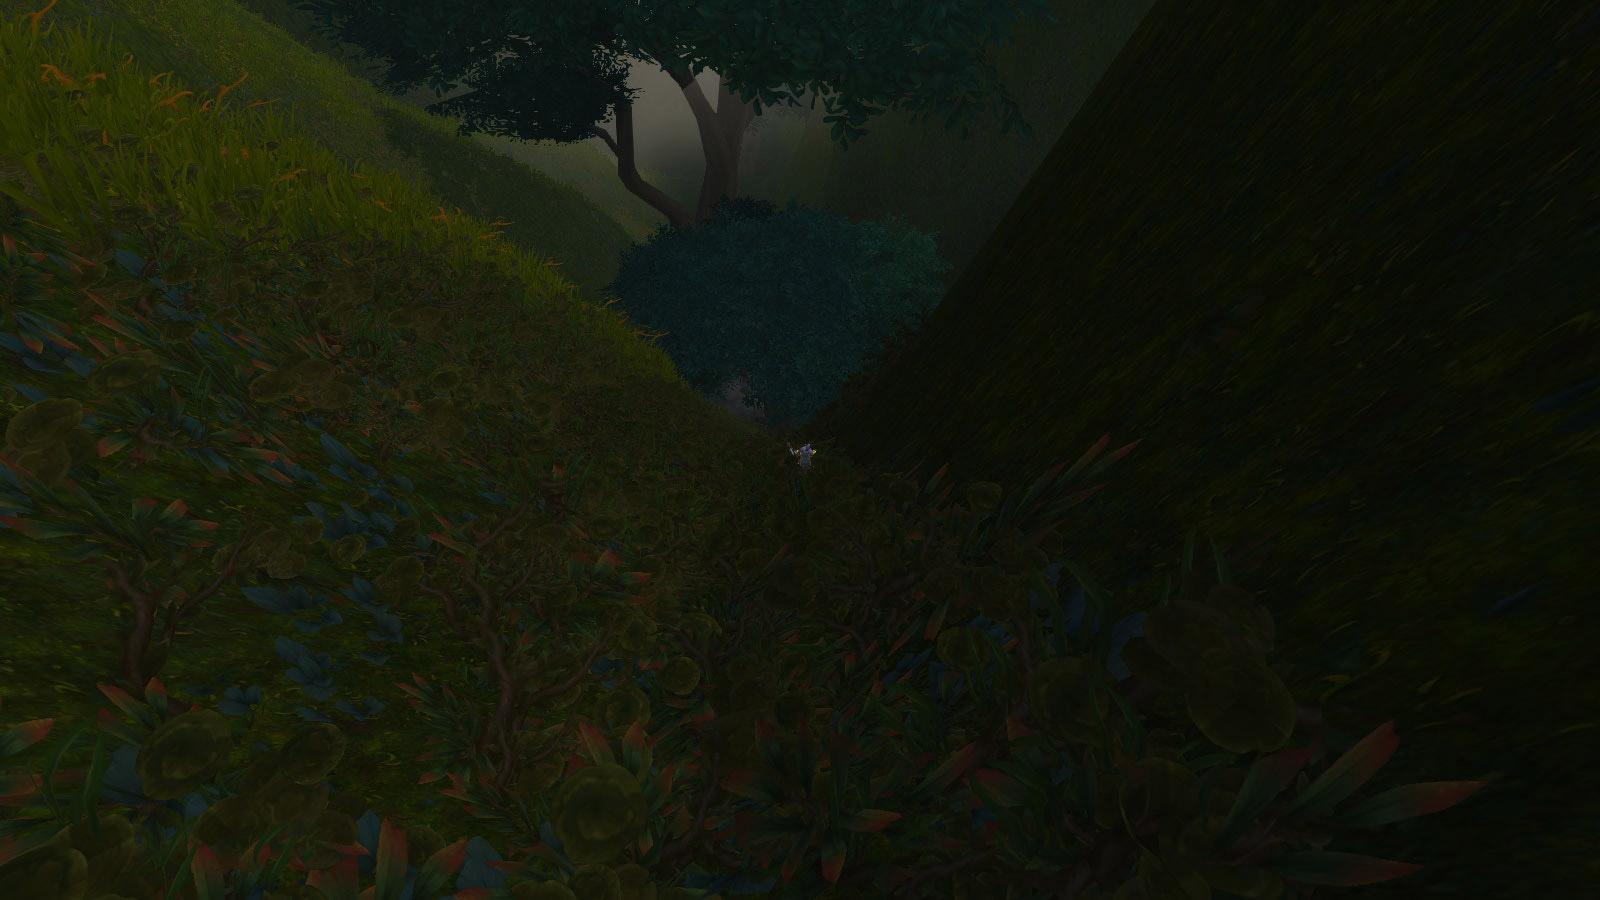 Descendez jusqu'à atteindre l'arbre